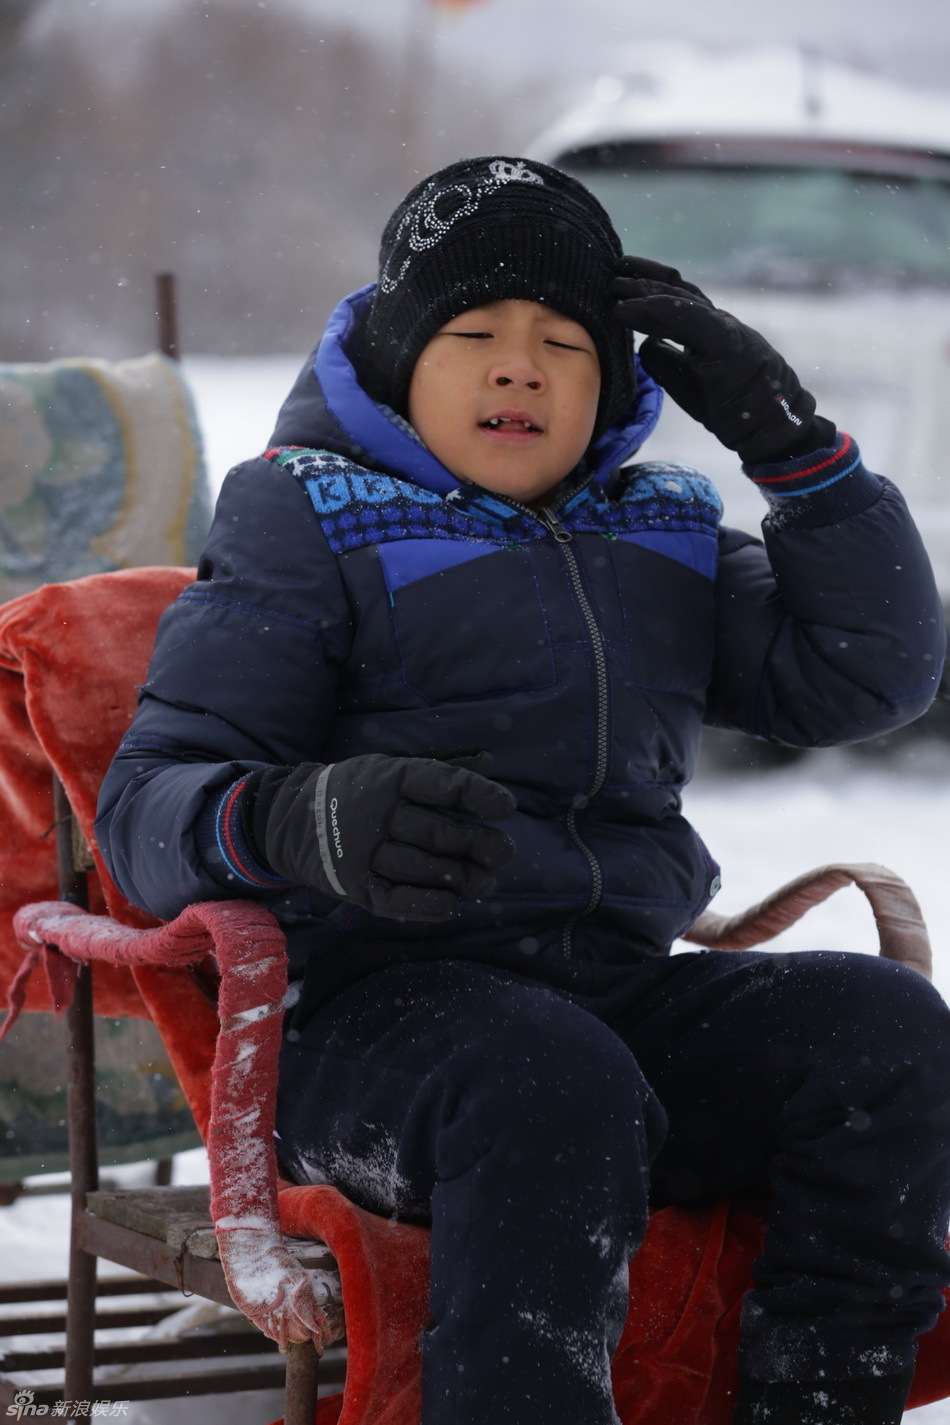 《爸爸》雪乡抢先看 萌娃玩雪脸蛋红扑扑[51]